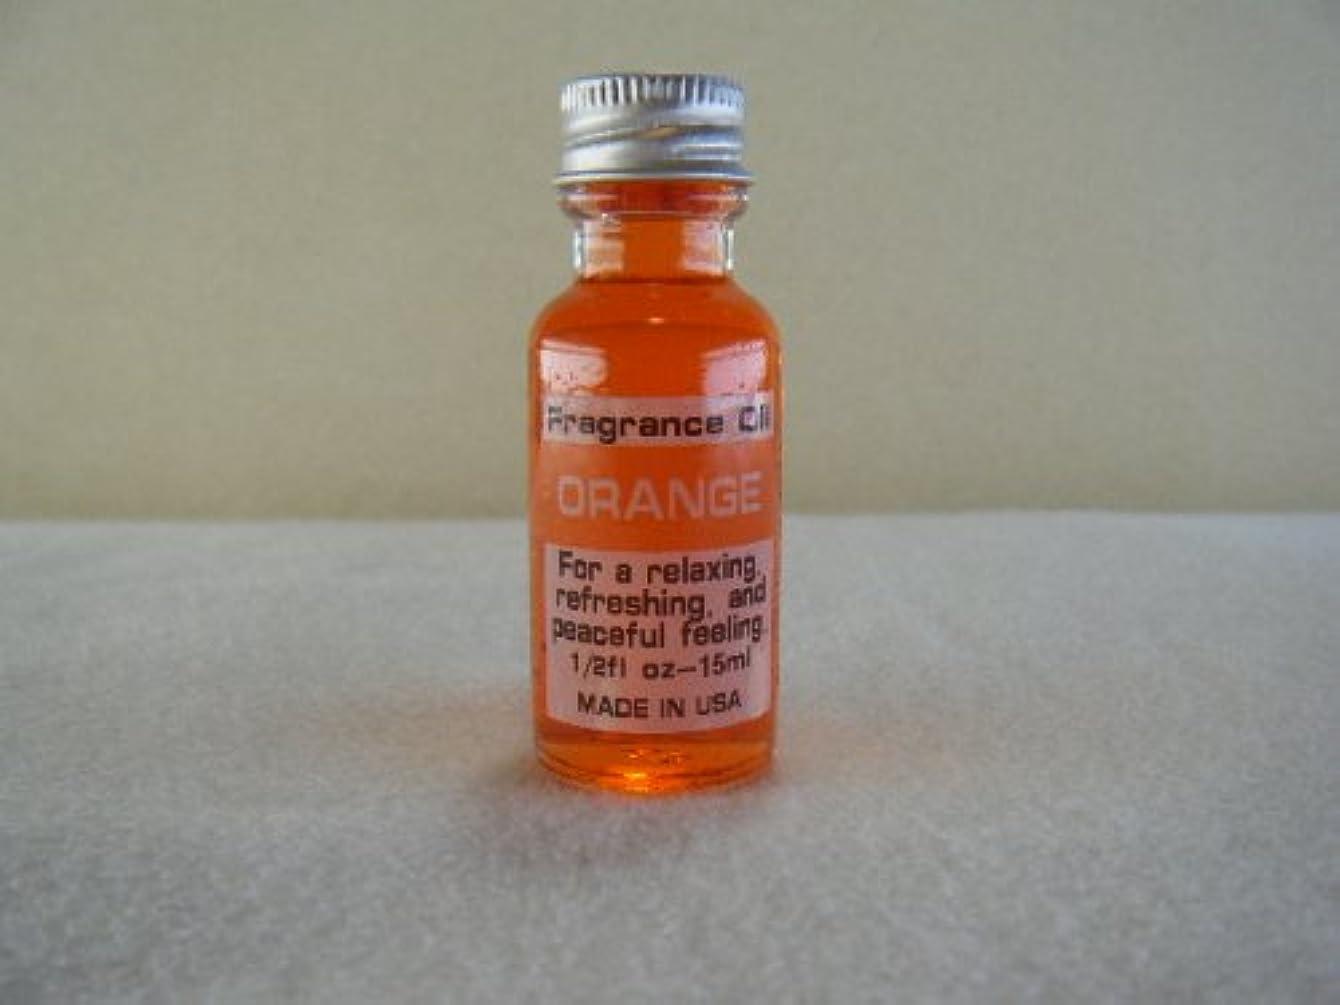 破壊的な禁輸アリフレグランスオイル オレンジ